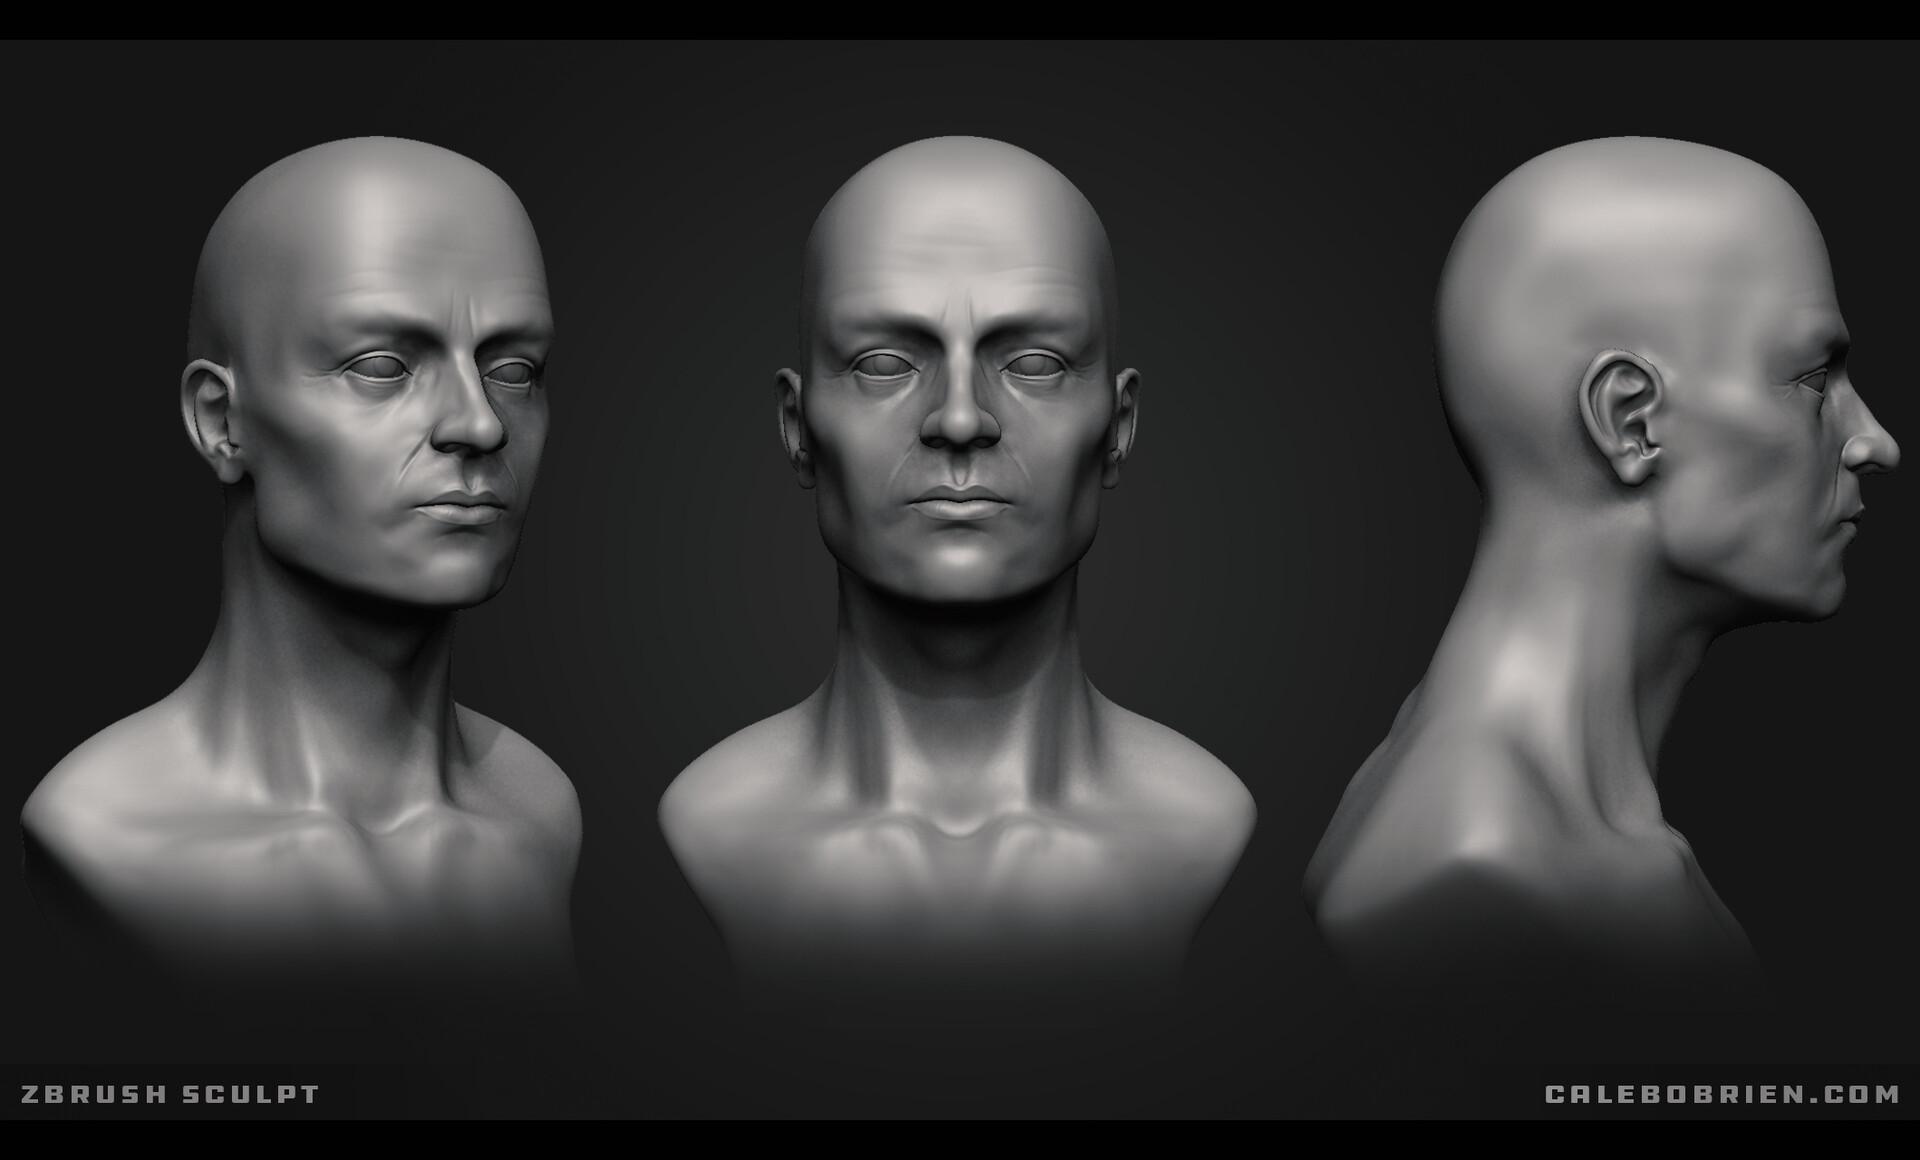 Caleb o brien zbrush sculpt01